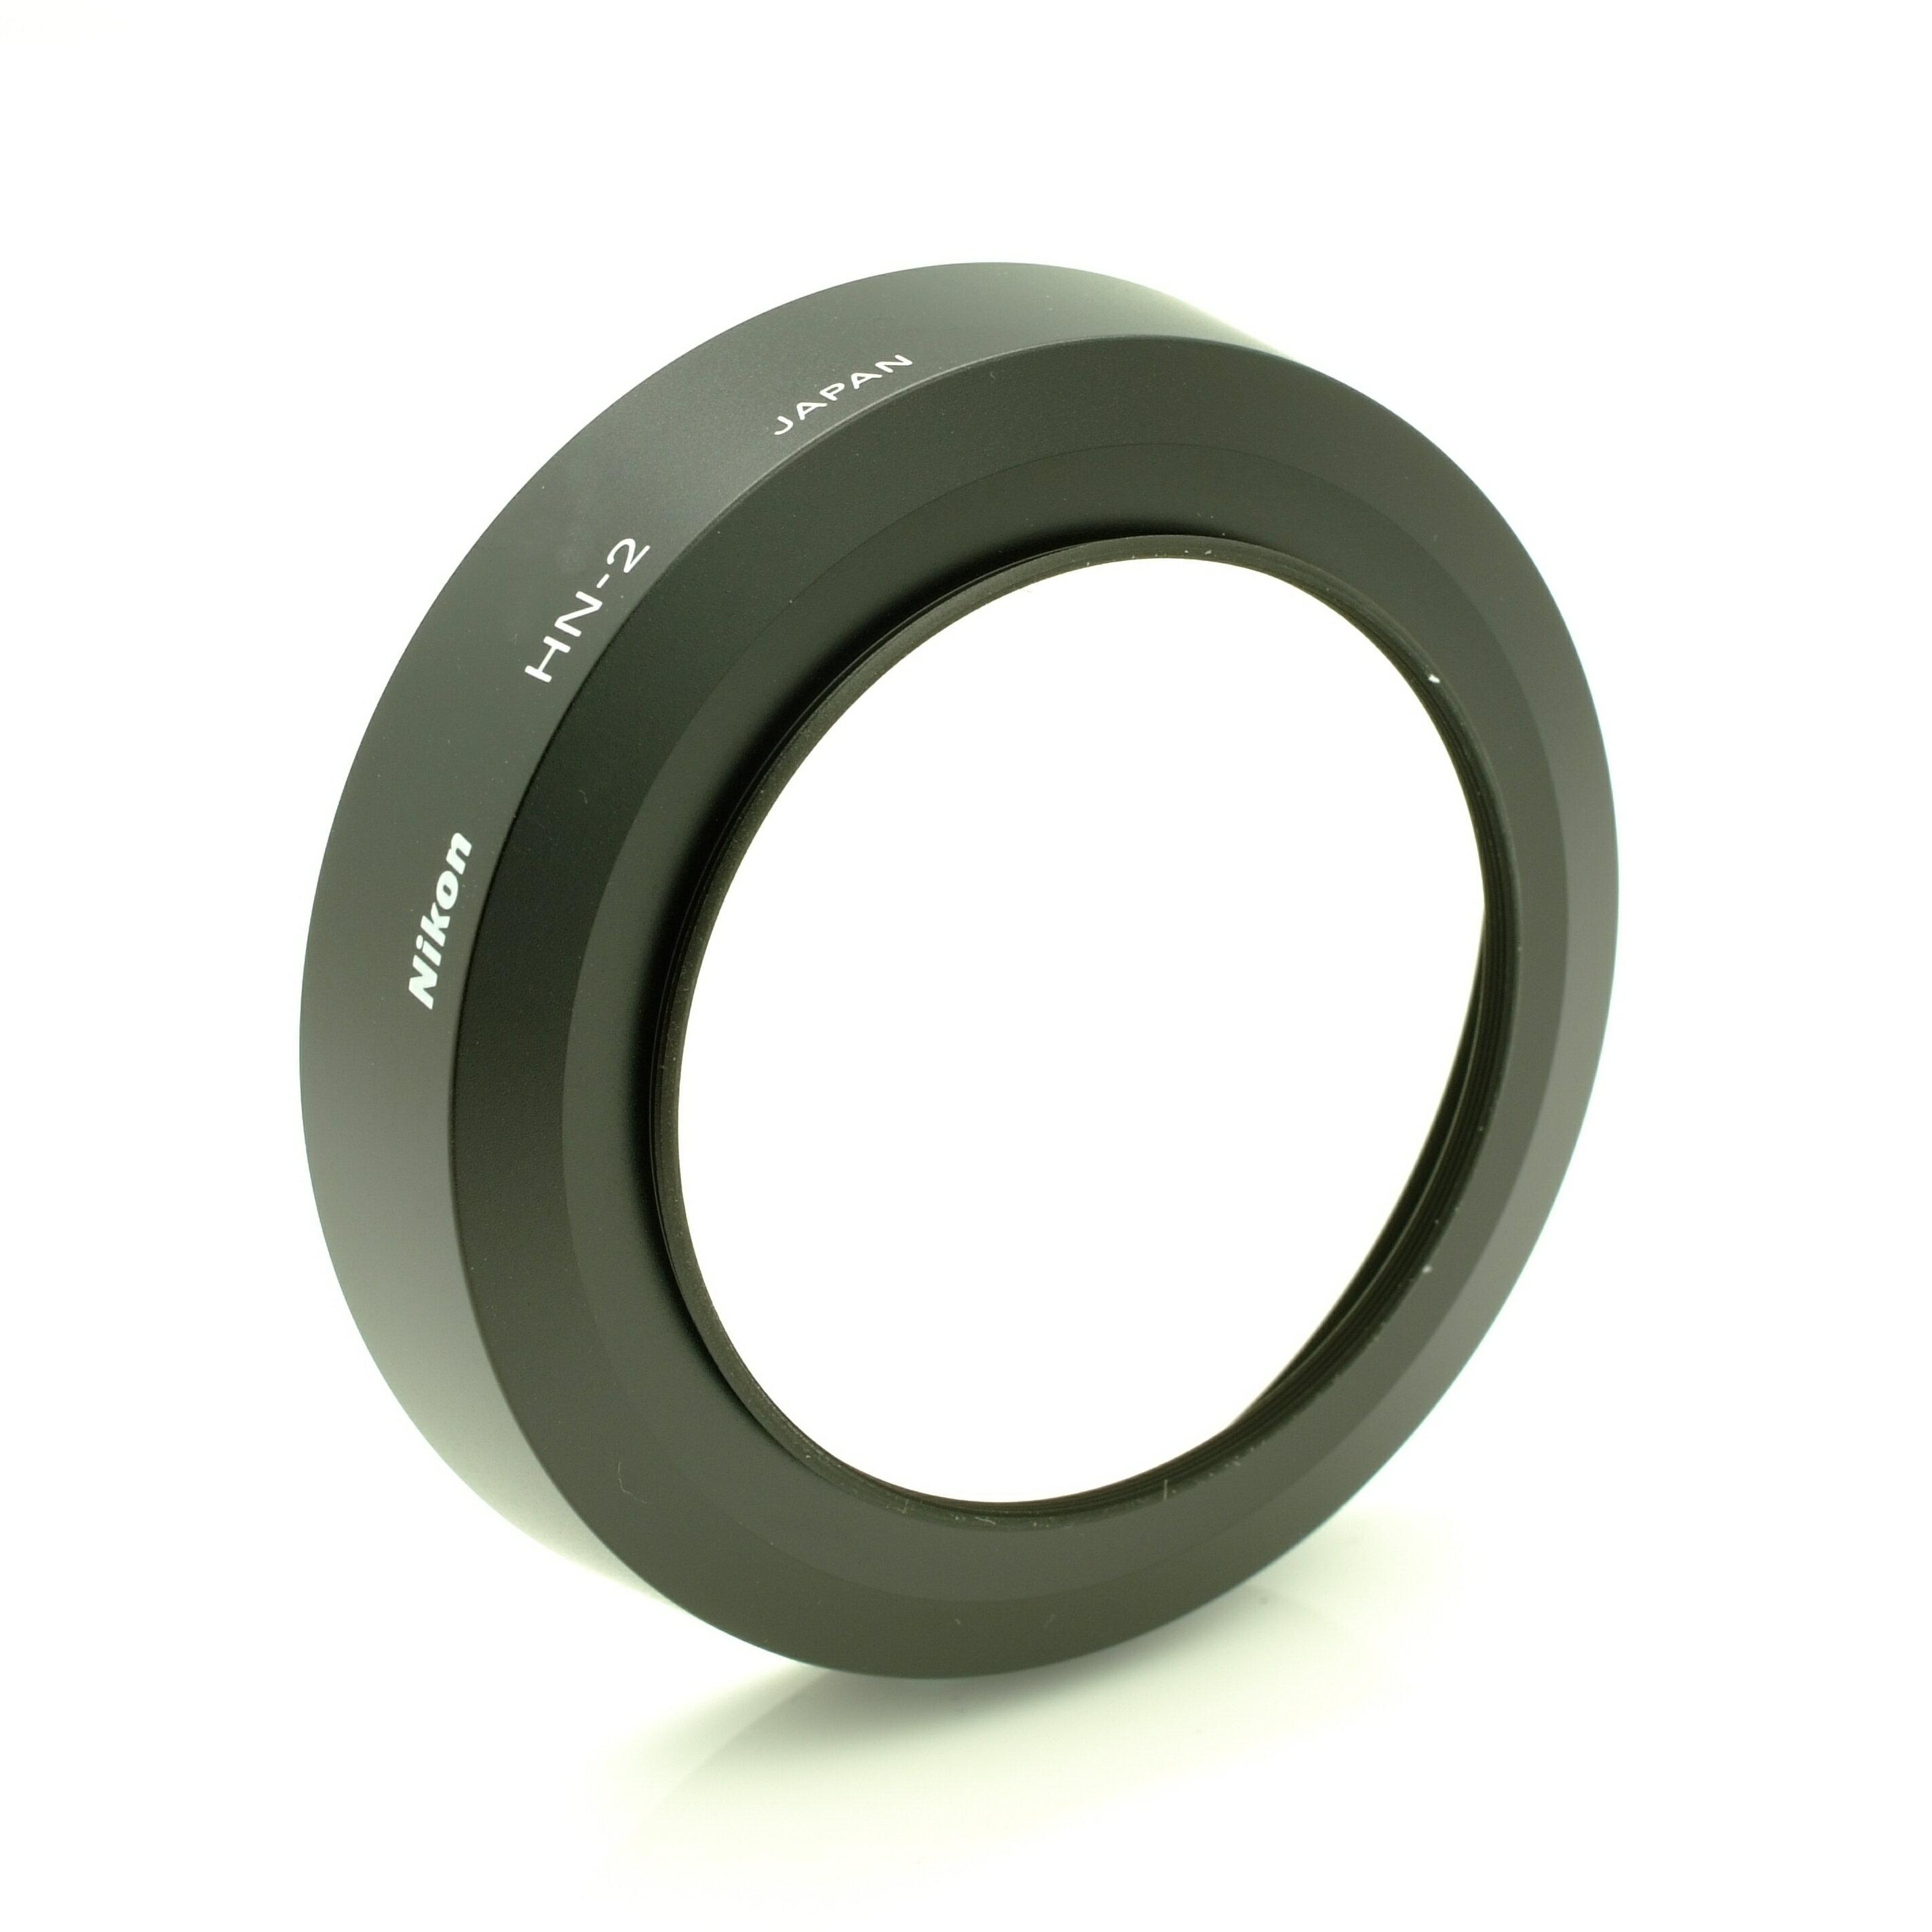 又敗家@原廠正品Nikon原廠遮光罩HN-2遮光罩適Nikkor 24mm 28mm f2.8 35mm f1.4 f2 50mm f1.4 f1.8 55mm f3.5 35-70mm f3.3-4..